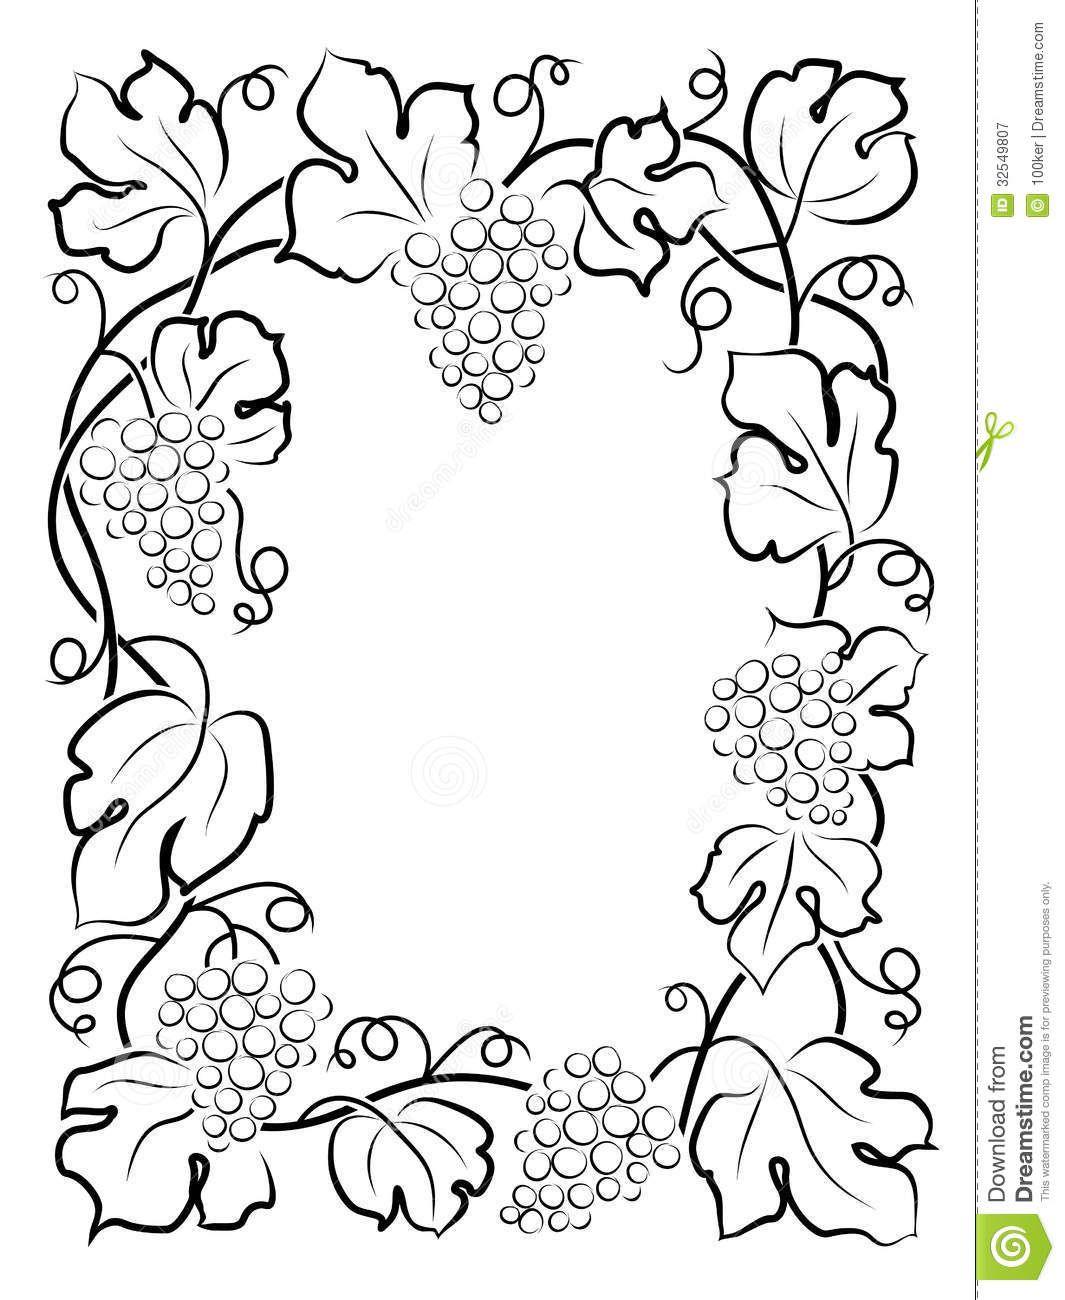 Herbst Ausmalbilder : Vine Grapes Borders Frames Pinterest Ausmalbilder Herbst